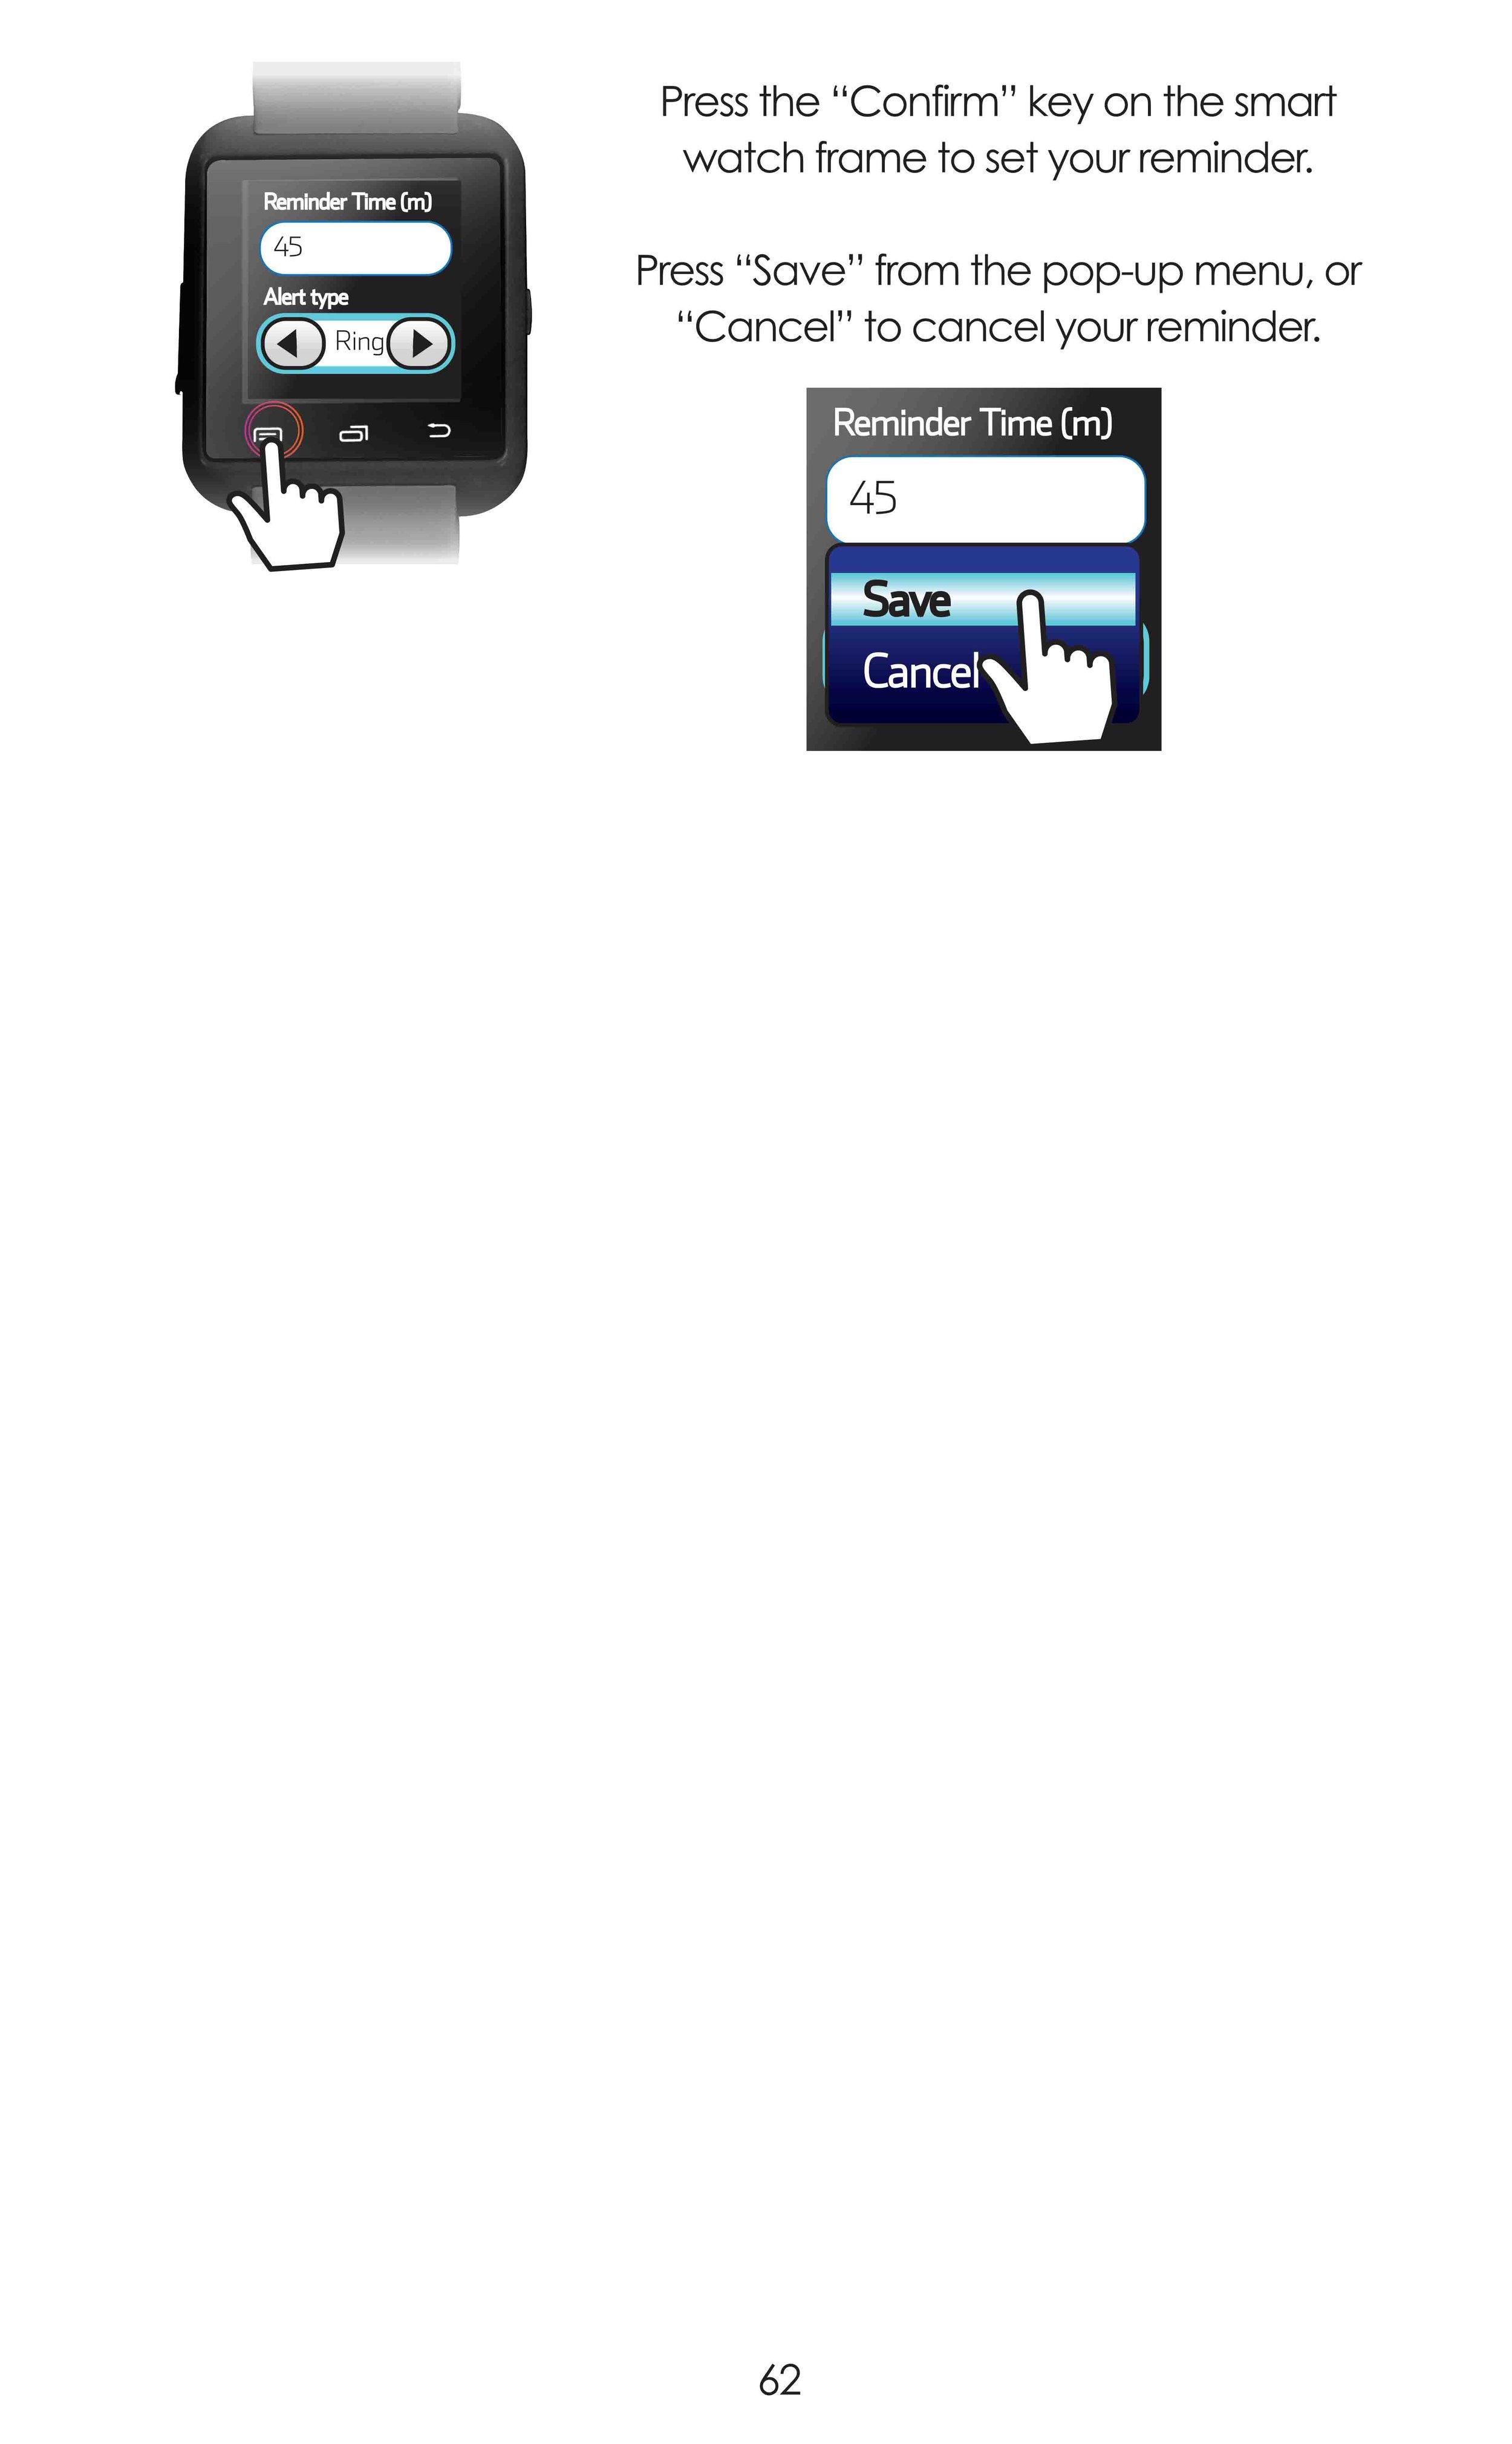 HY-WTCH-BT-Manual-Booklet-08262016-OL 63.jpg